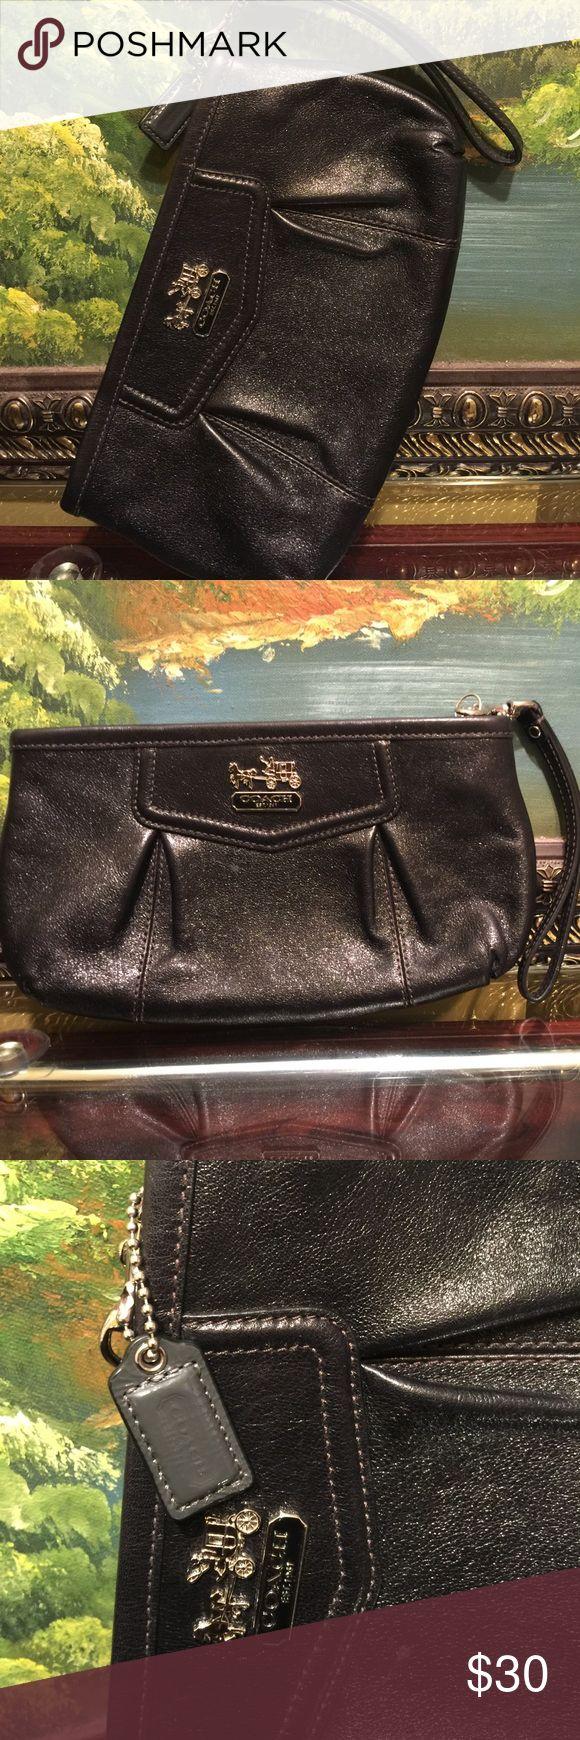 Beautiful Coach clutch purse Coach clutch purse black color Coach Bags Clutches & Wristlets